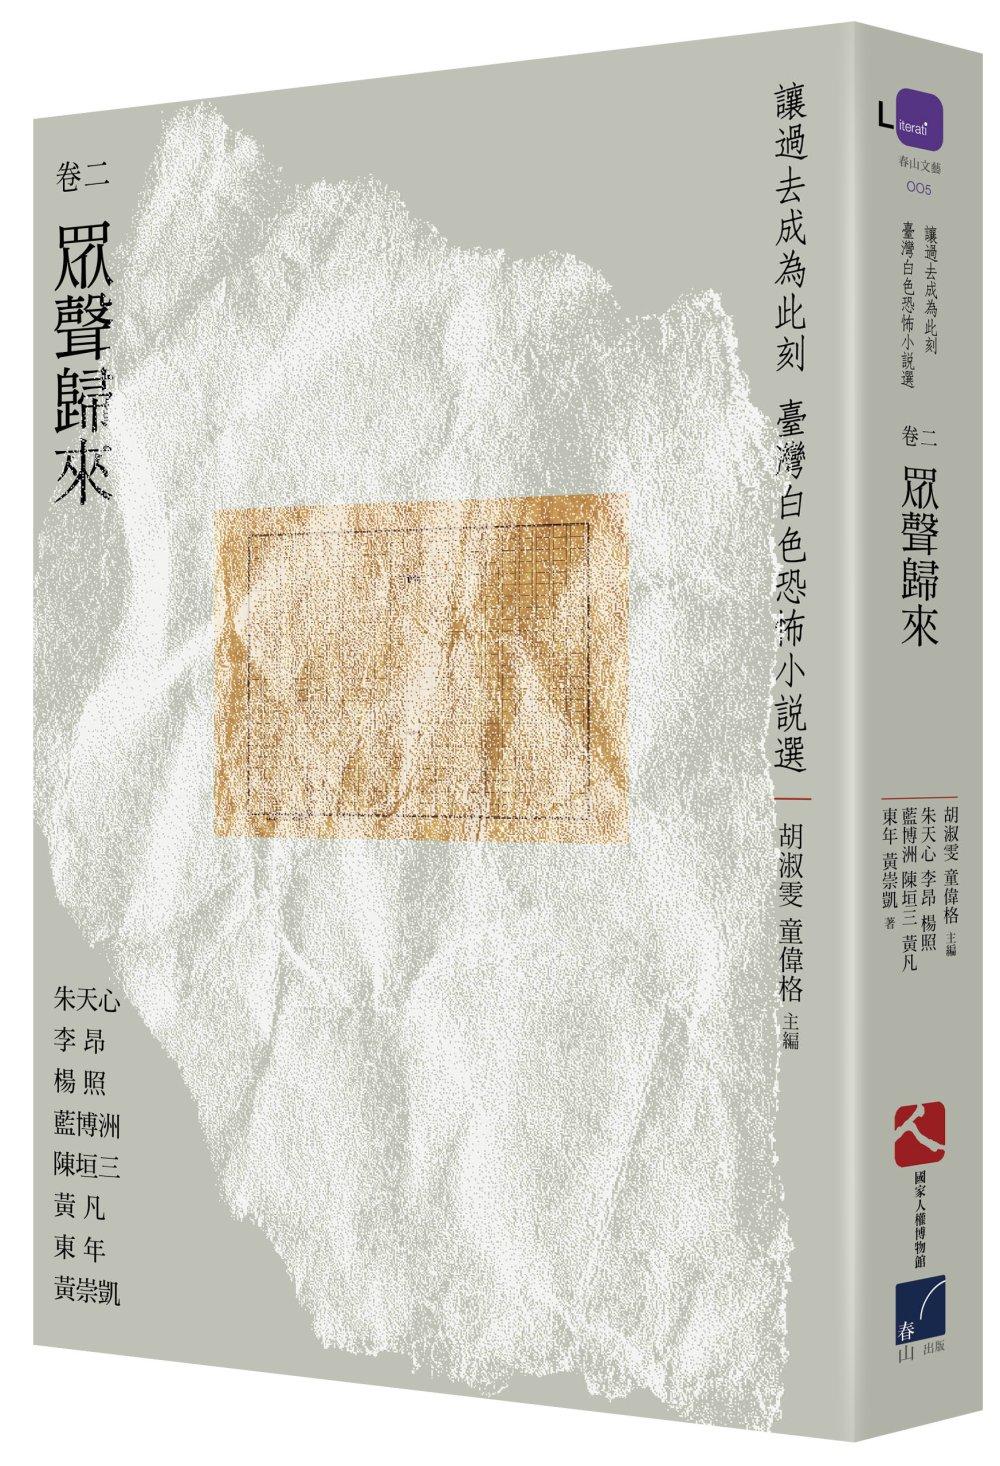 讓過去成為此刻:臺灣白色恐怖小說選 卷二眾聲歸來